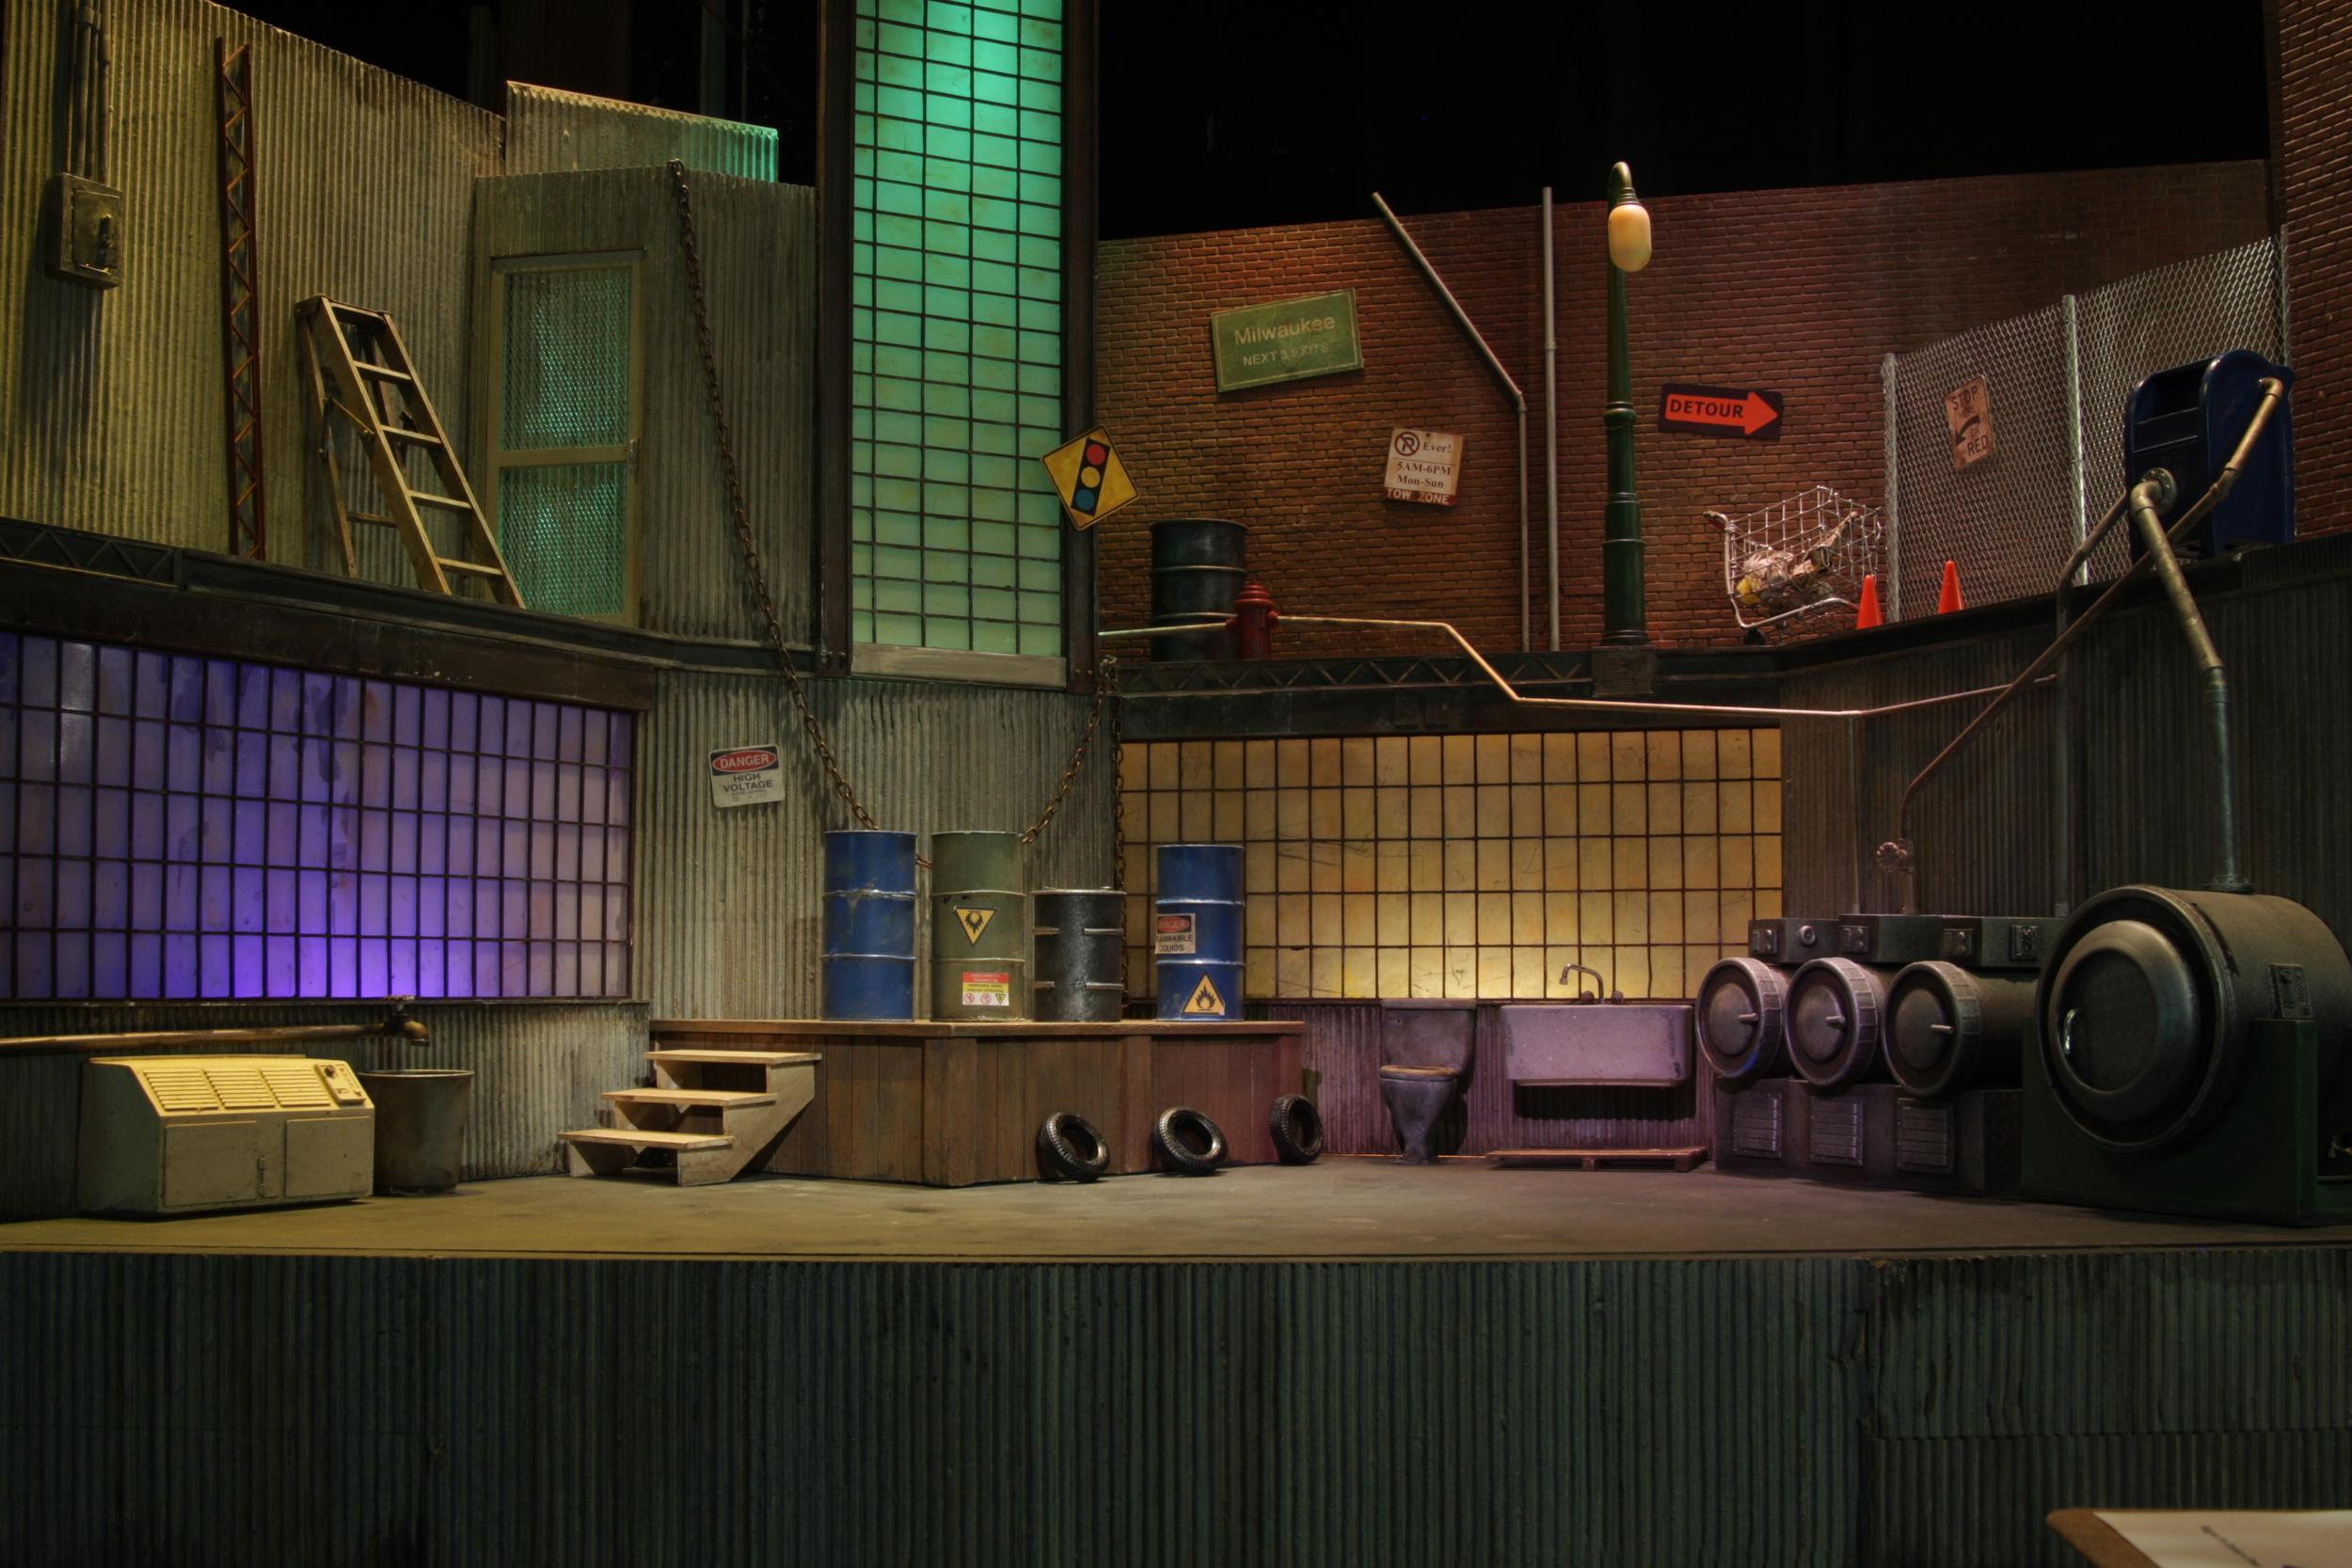 Robot Chicken 5 Image 10.jpg